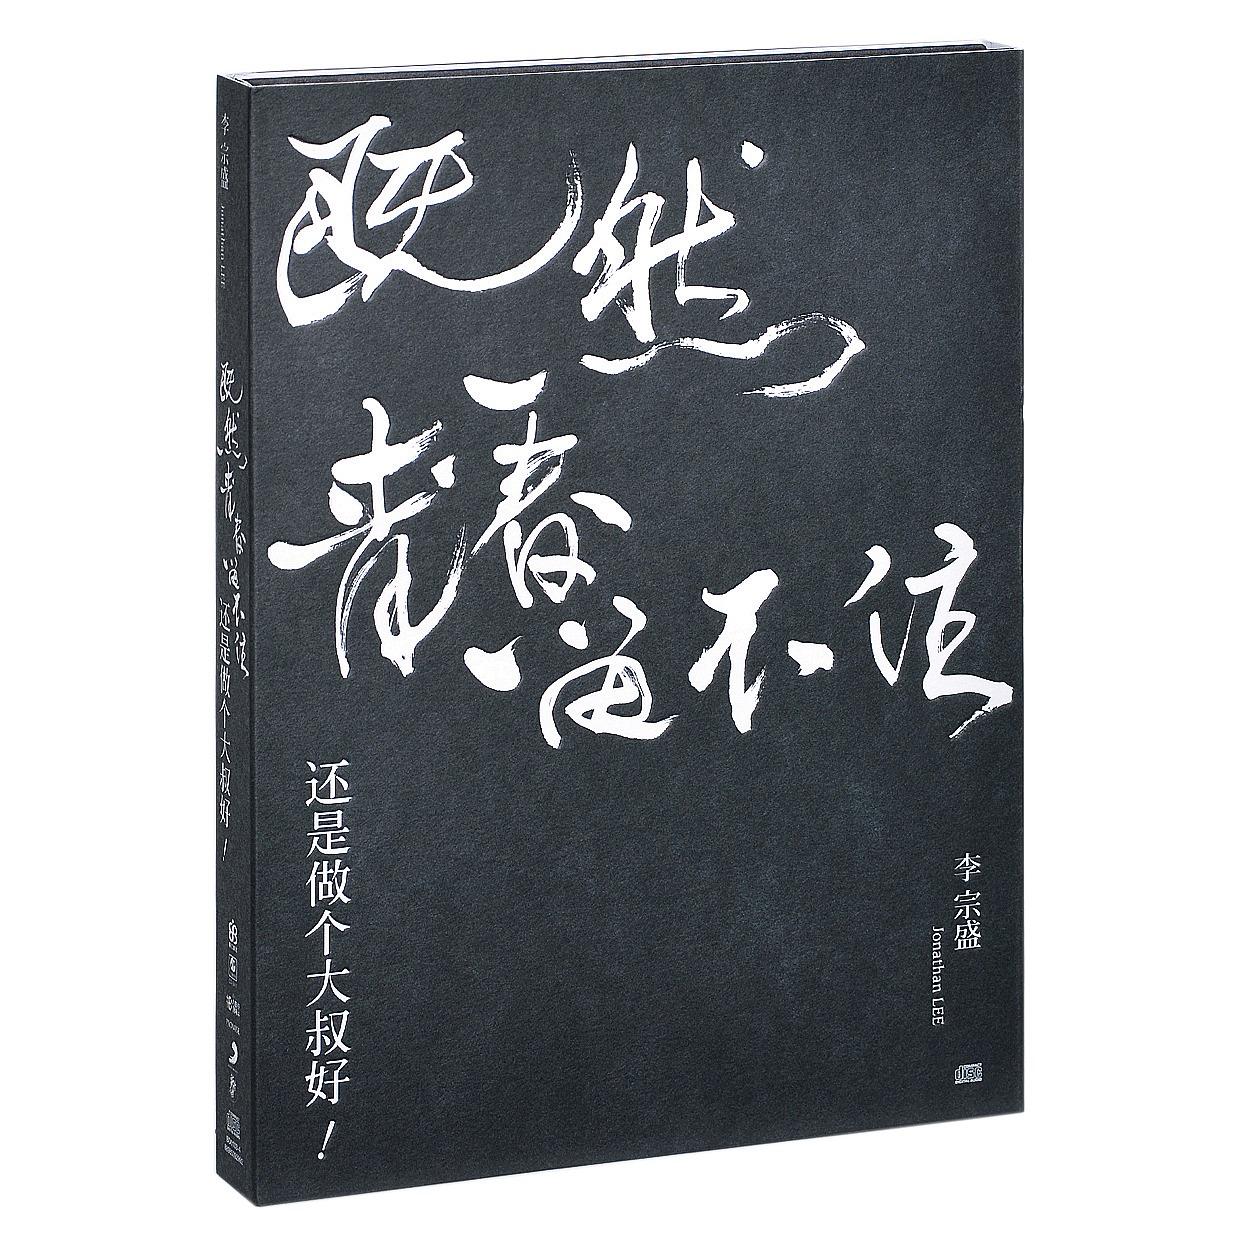 【新索】李宗盛:既然青春留不住-�是做��大叔好 演唱�� 2CD